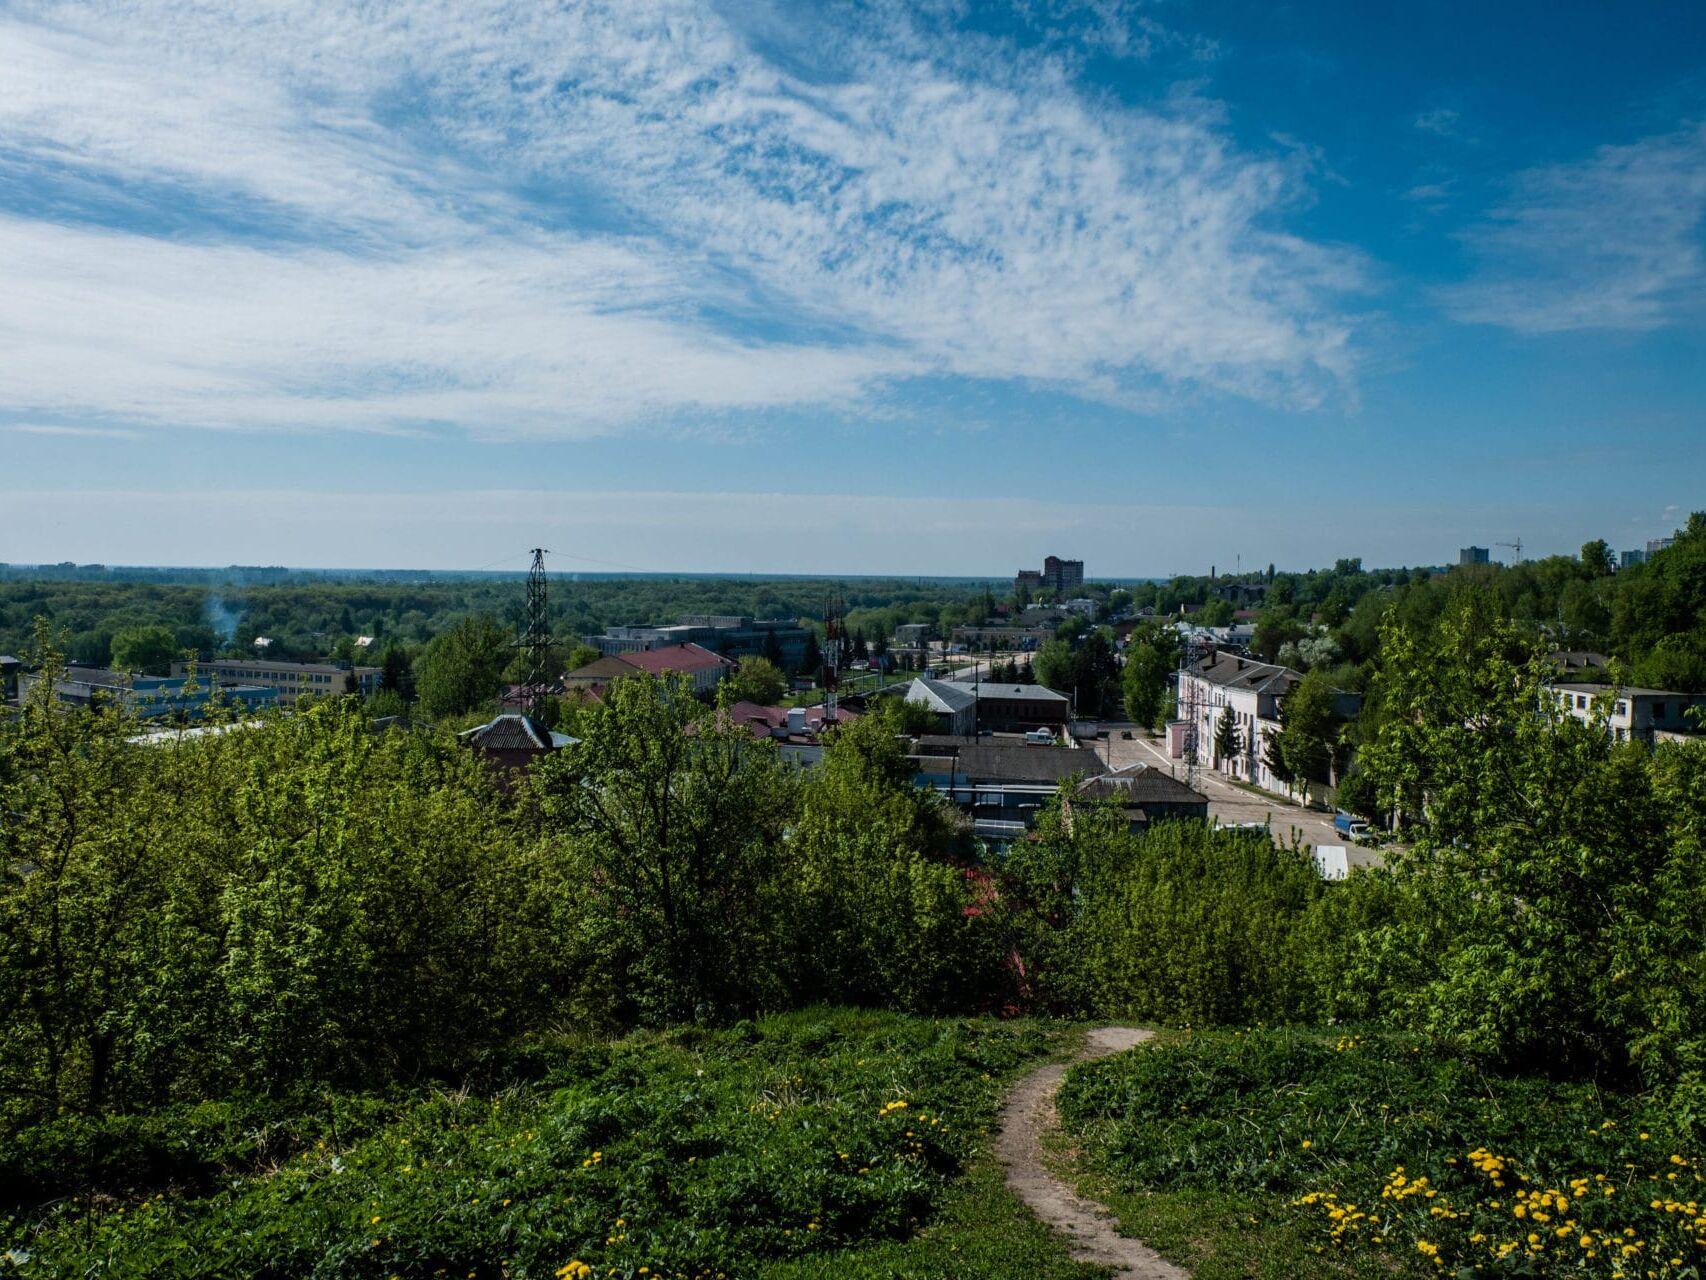 Пейзаж, фотограф Яна Фахуретдинова